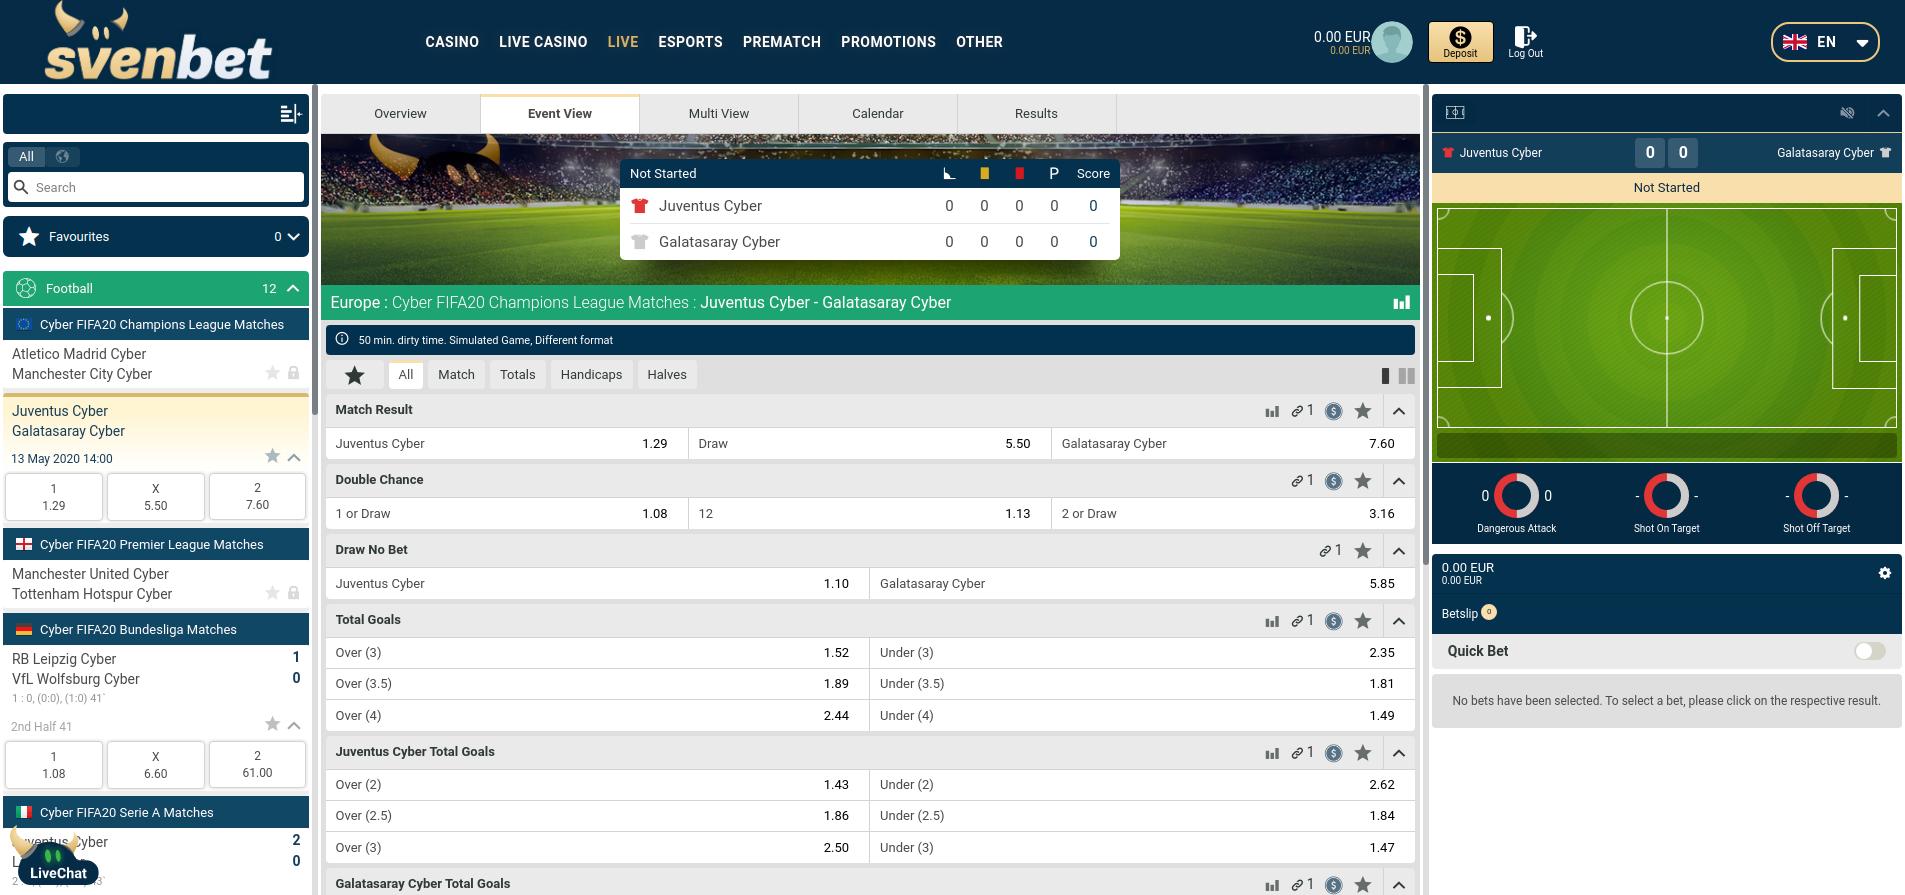 weddenopsport.eu review svenbet sportsbook homescreen screenshot mei 2020